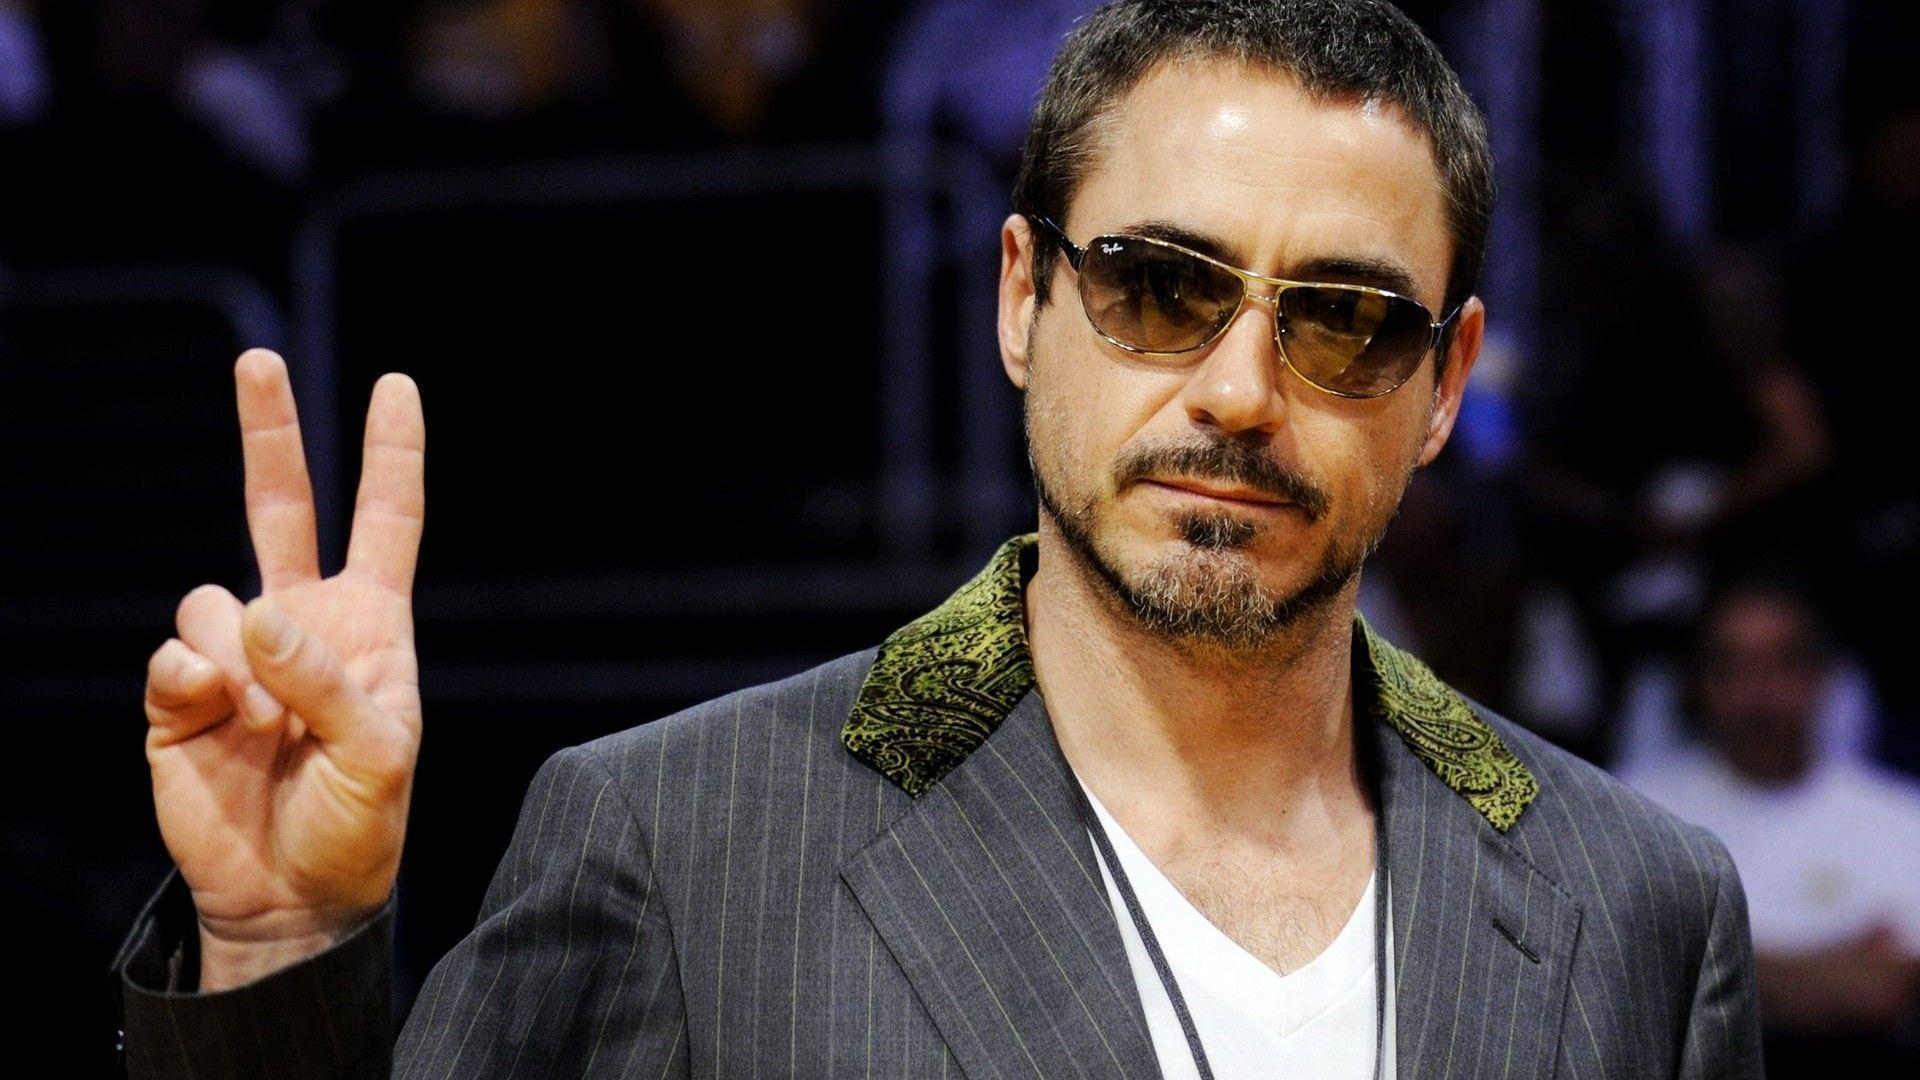 Robert Downey Jr Handsome